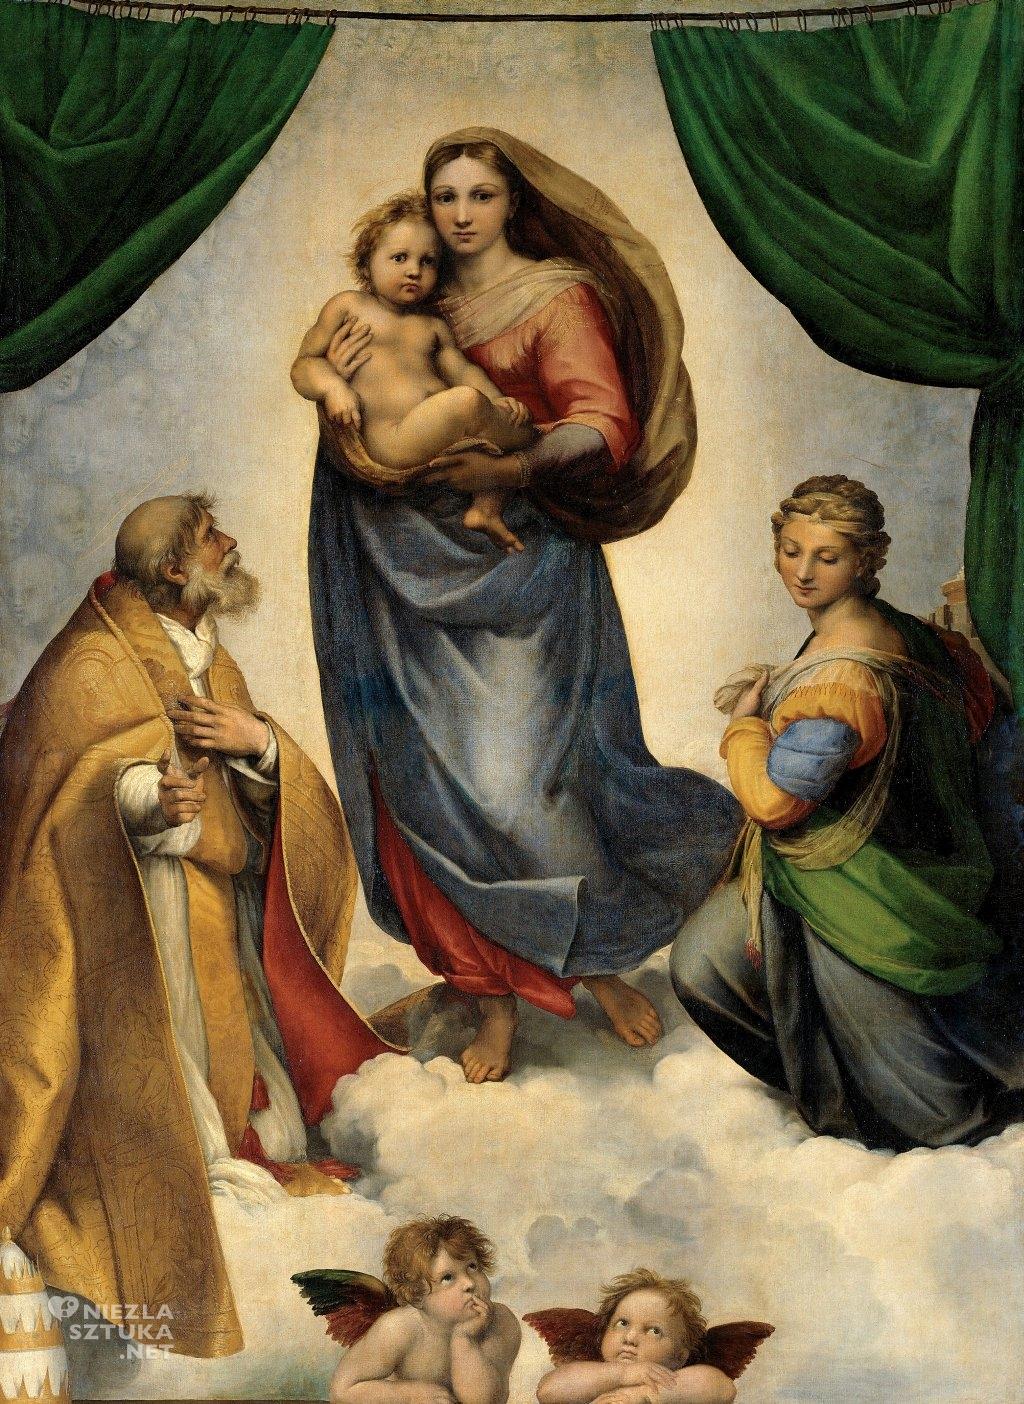 Rafael Santi, Madonna Sykstyńska, sztuka włoska, Niezła sztuka